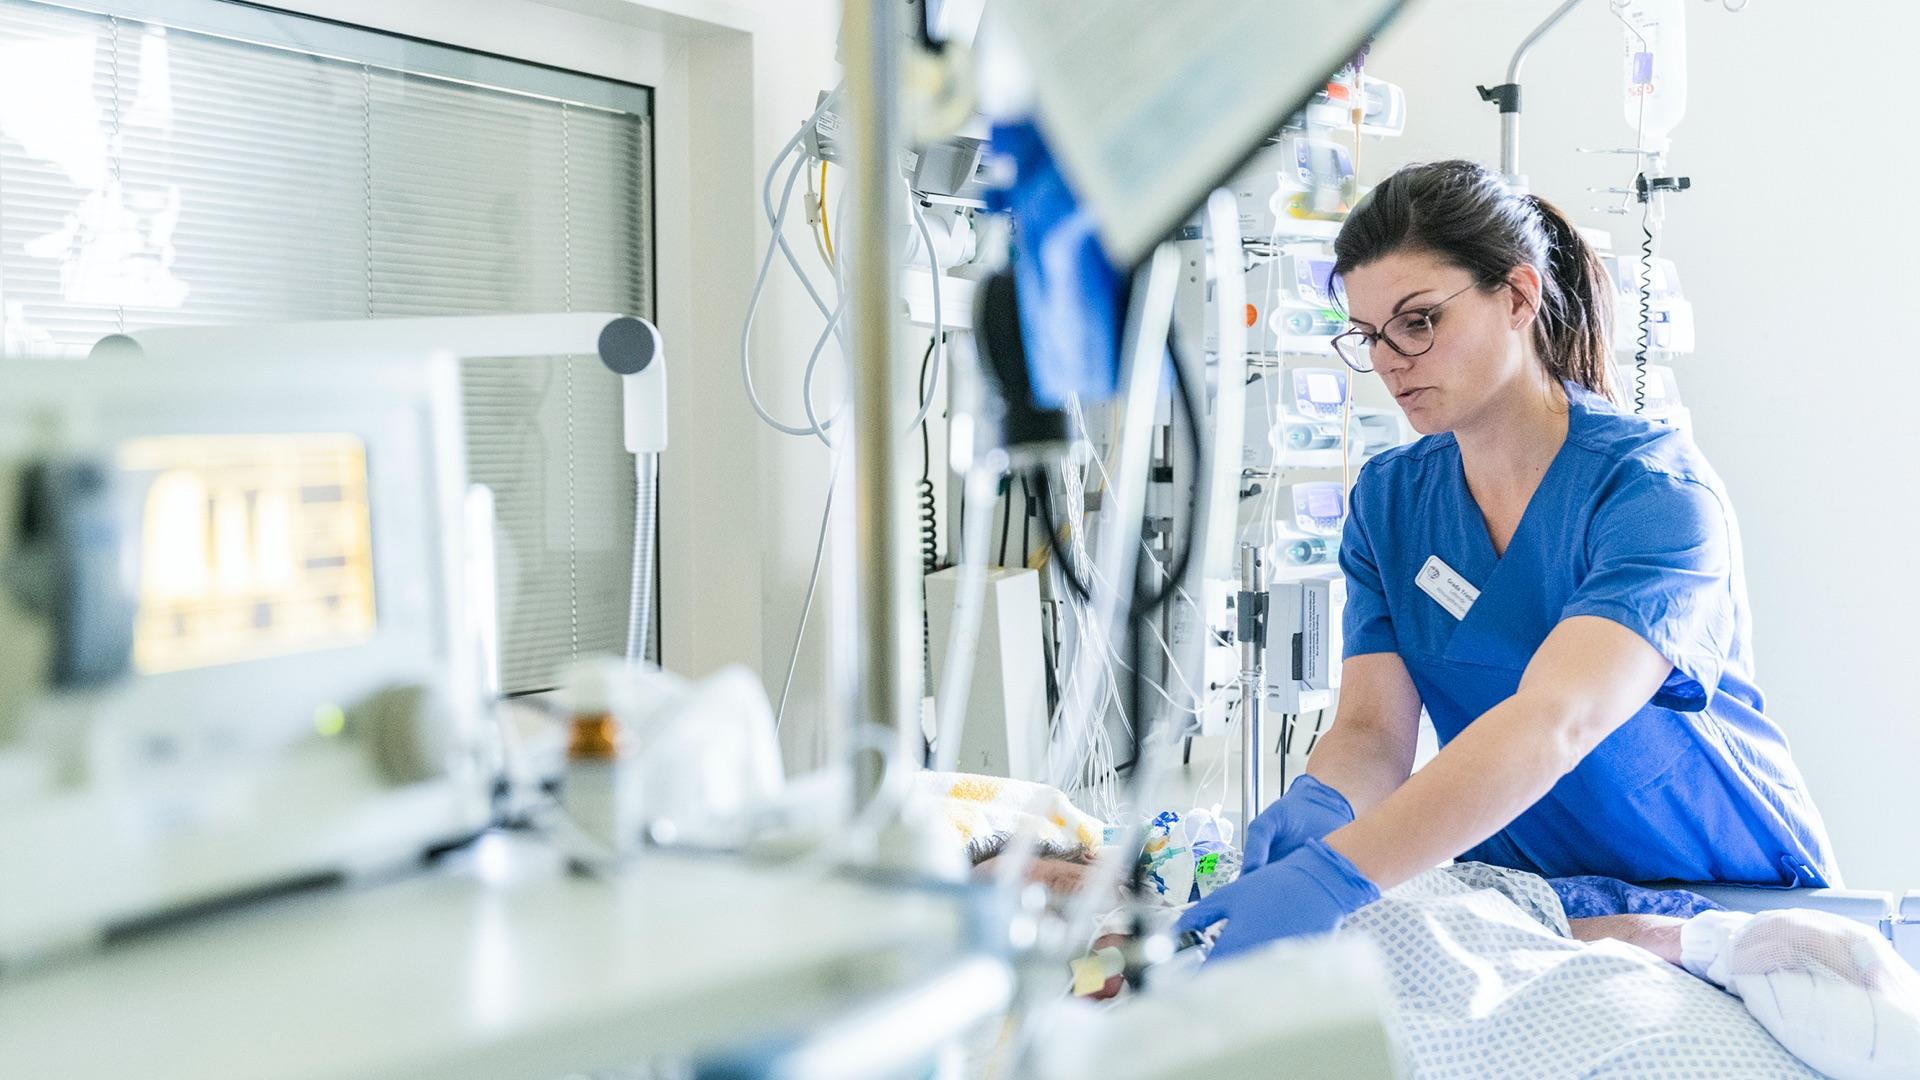 Medizinische Fachkraft betreut Patienten auf der Intensivstation